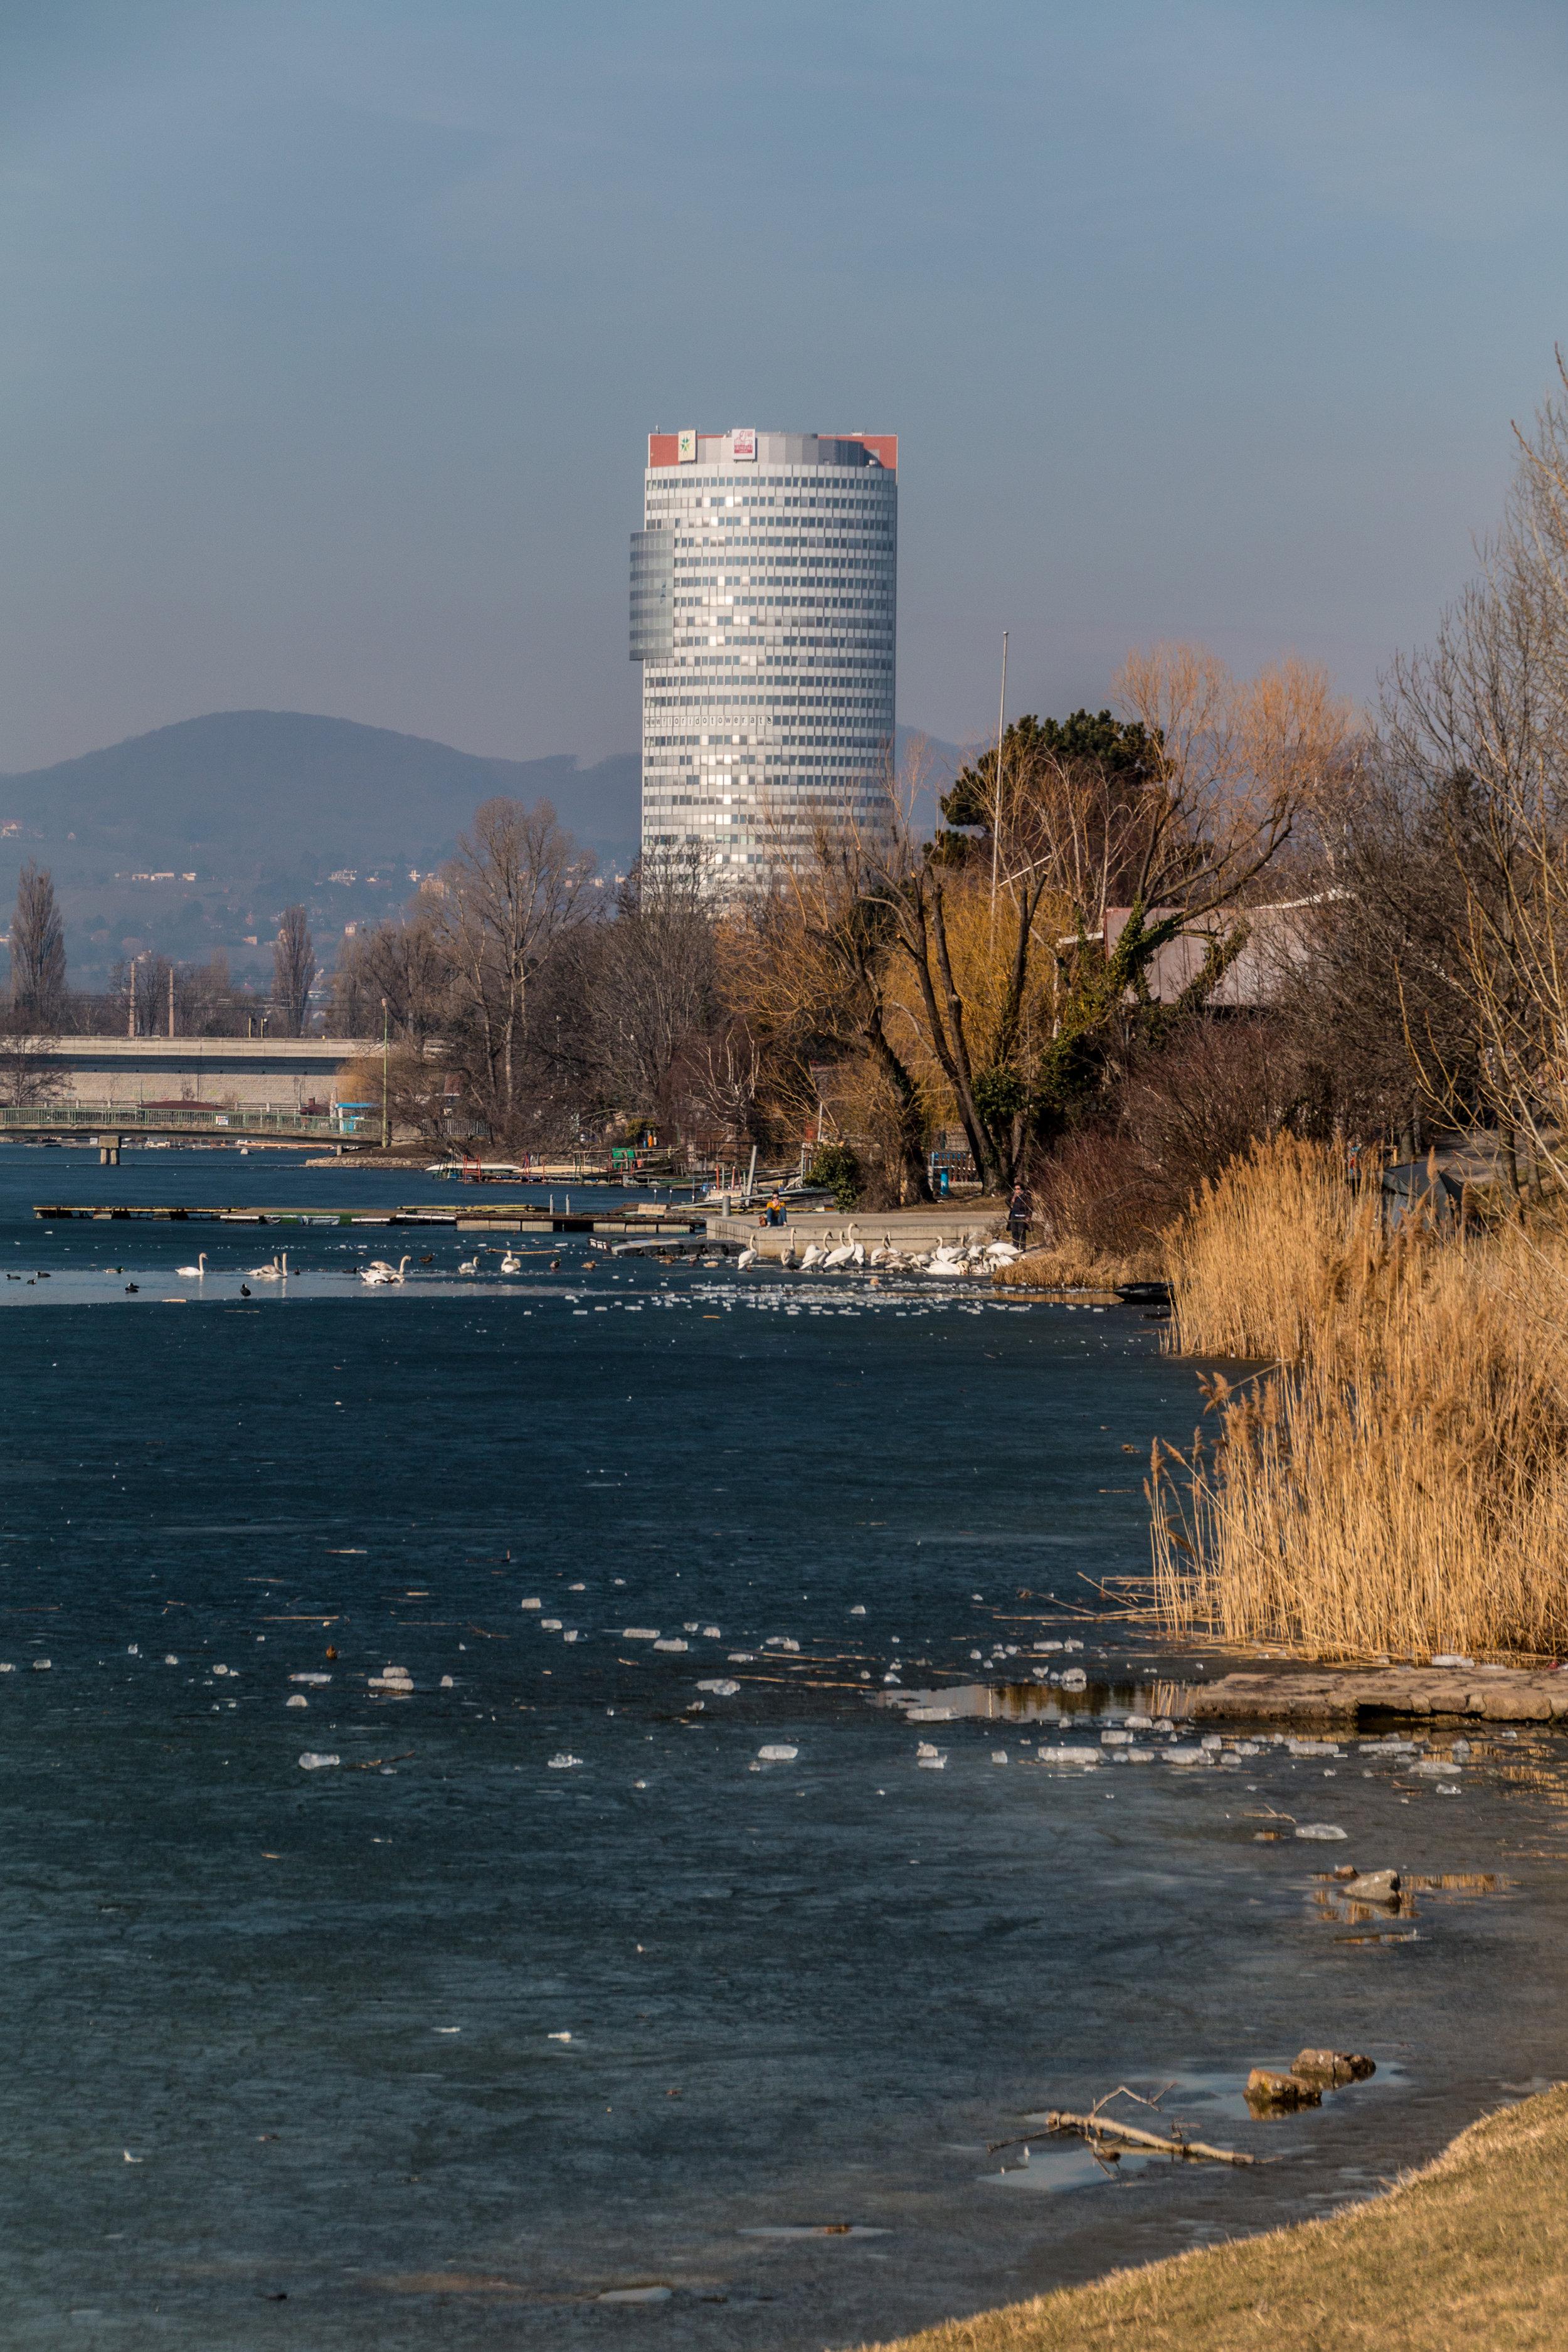 1210 Wien - Alte Donau   EOS 70D - F/8 - 1/500 Sek - ISO 100 - 87mm